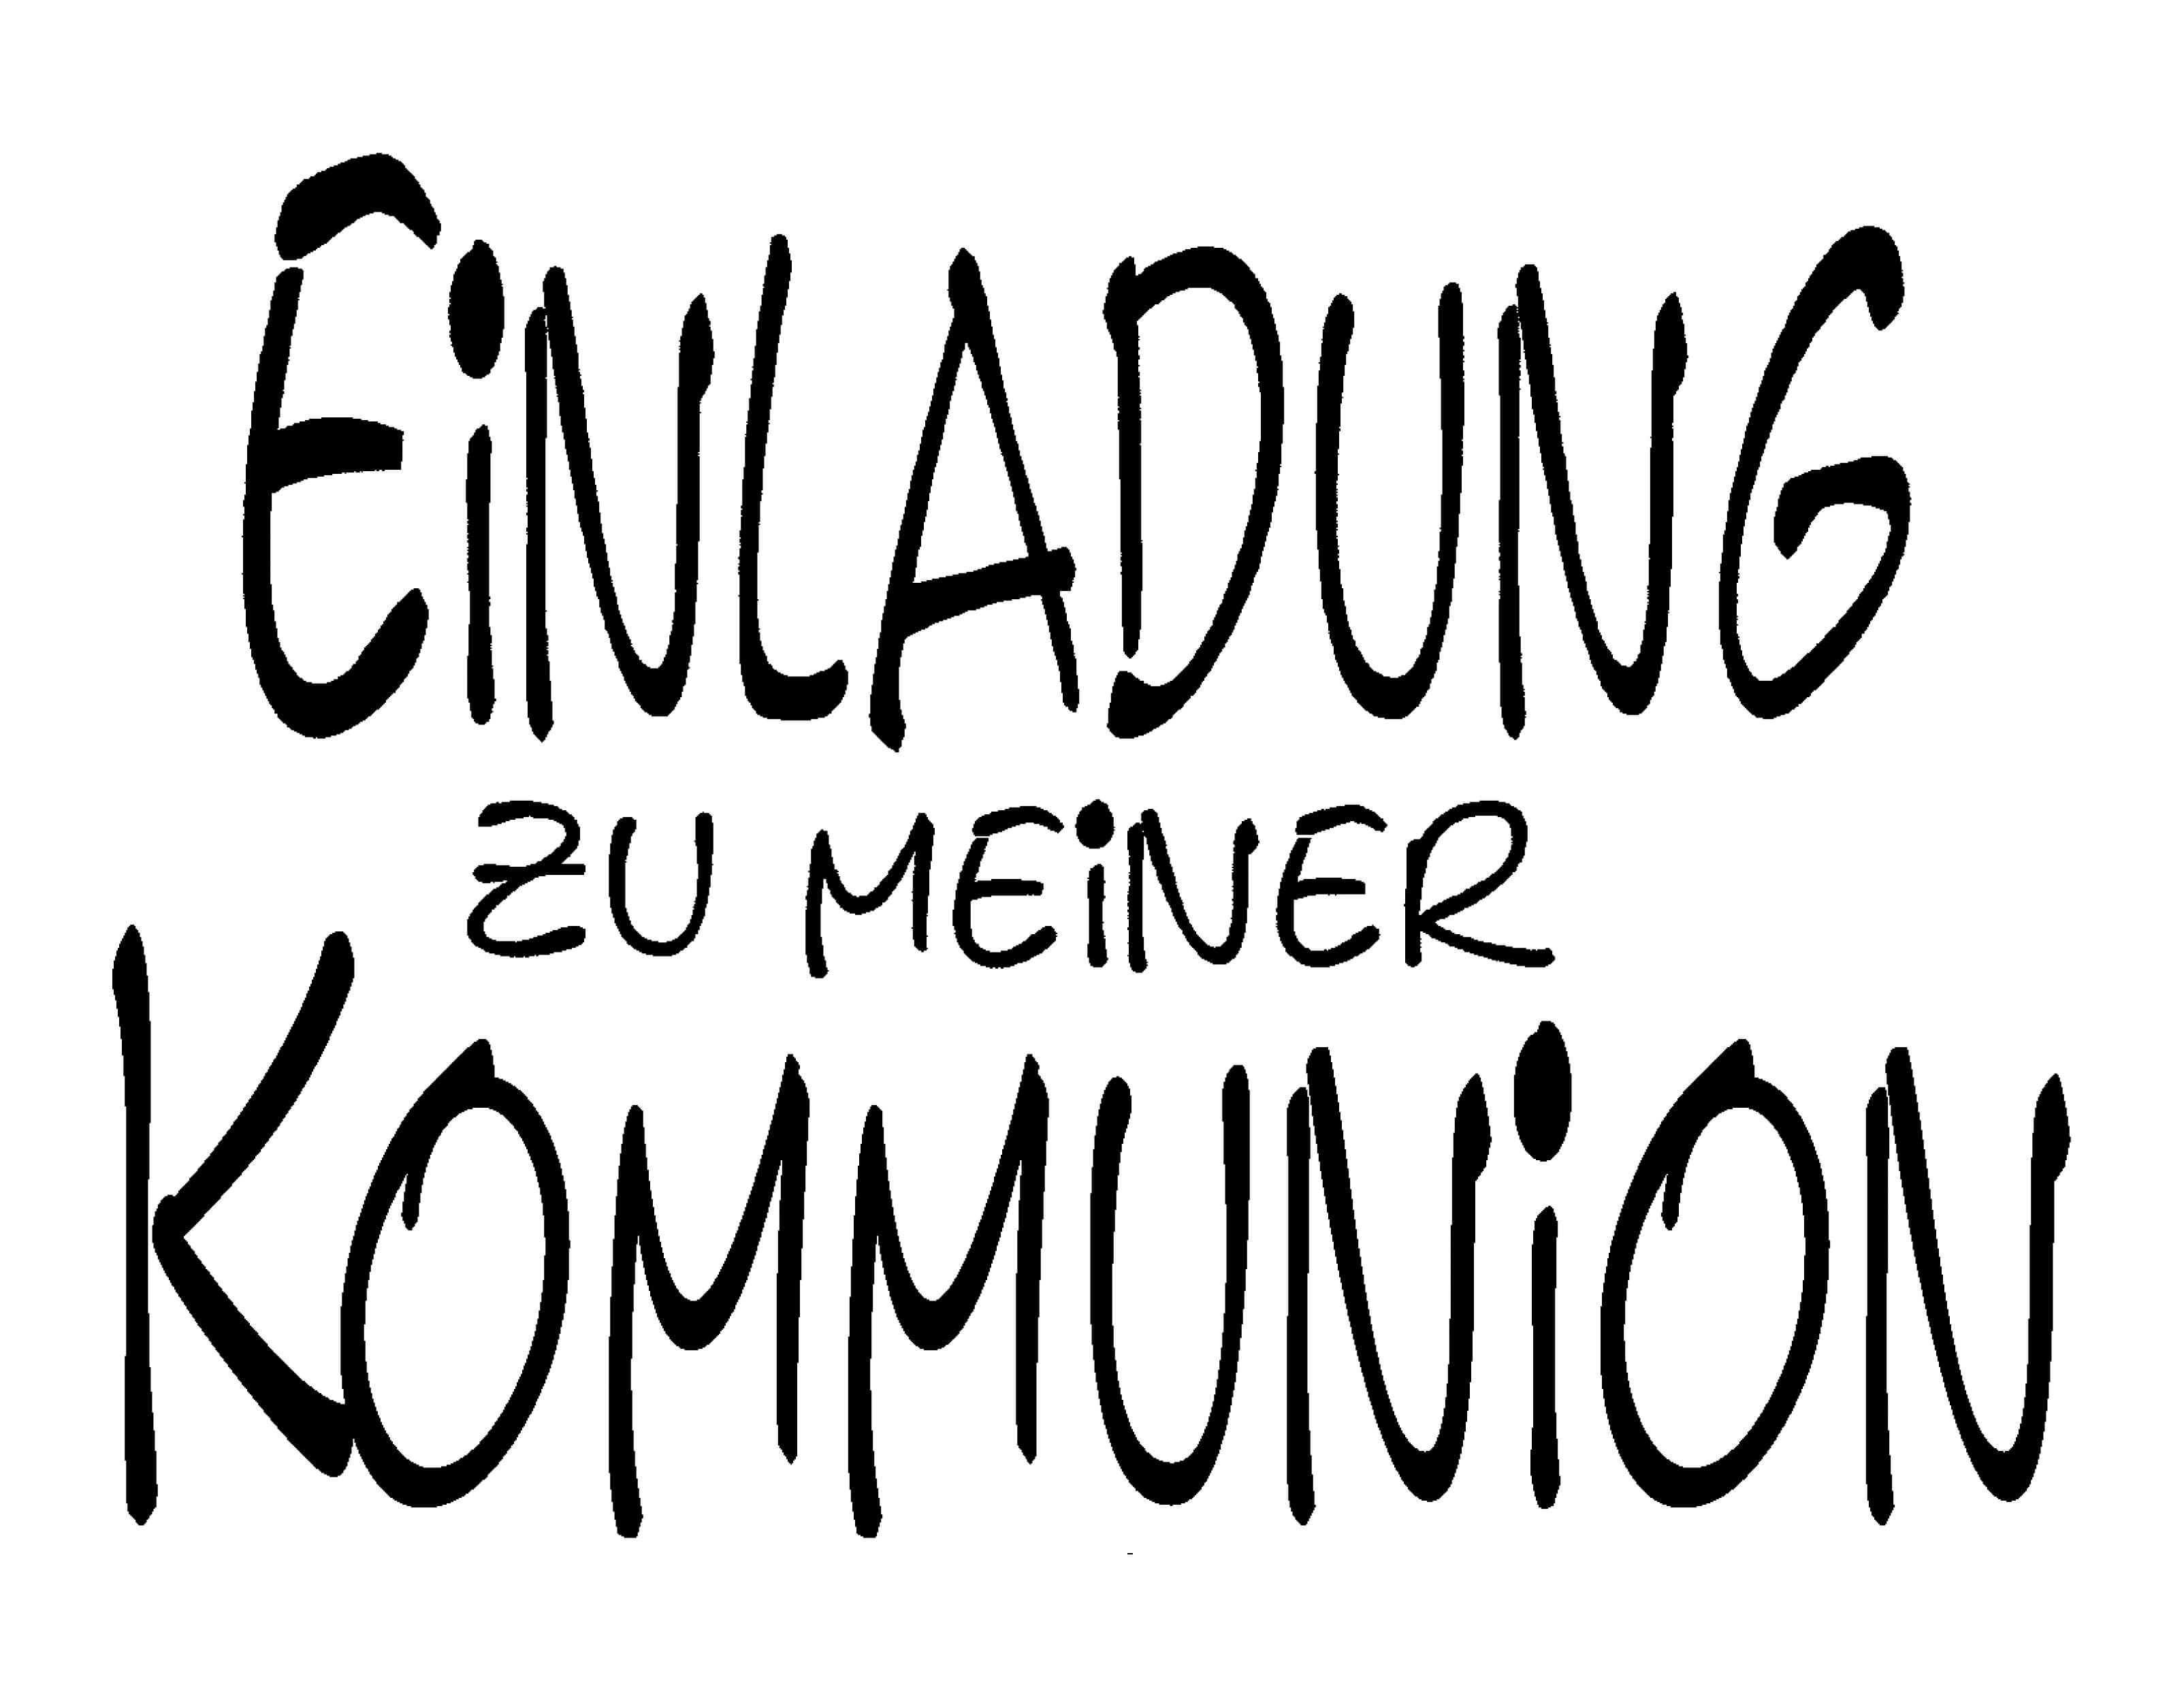 einladung zu meiner kommunion 60 x 41 mm, Einladungskarten